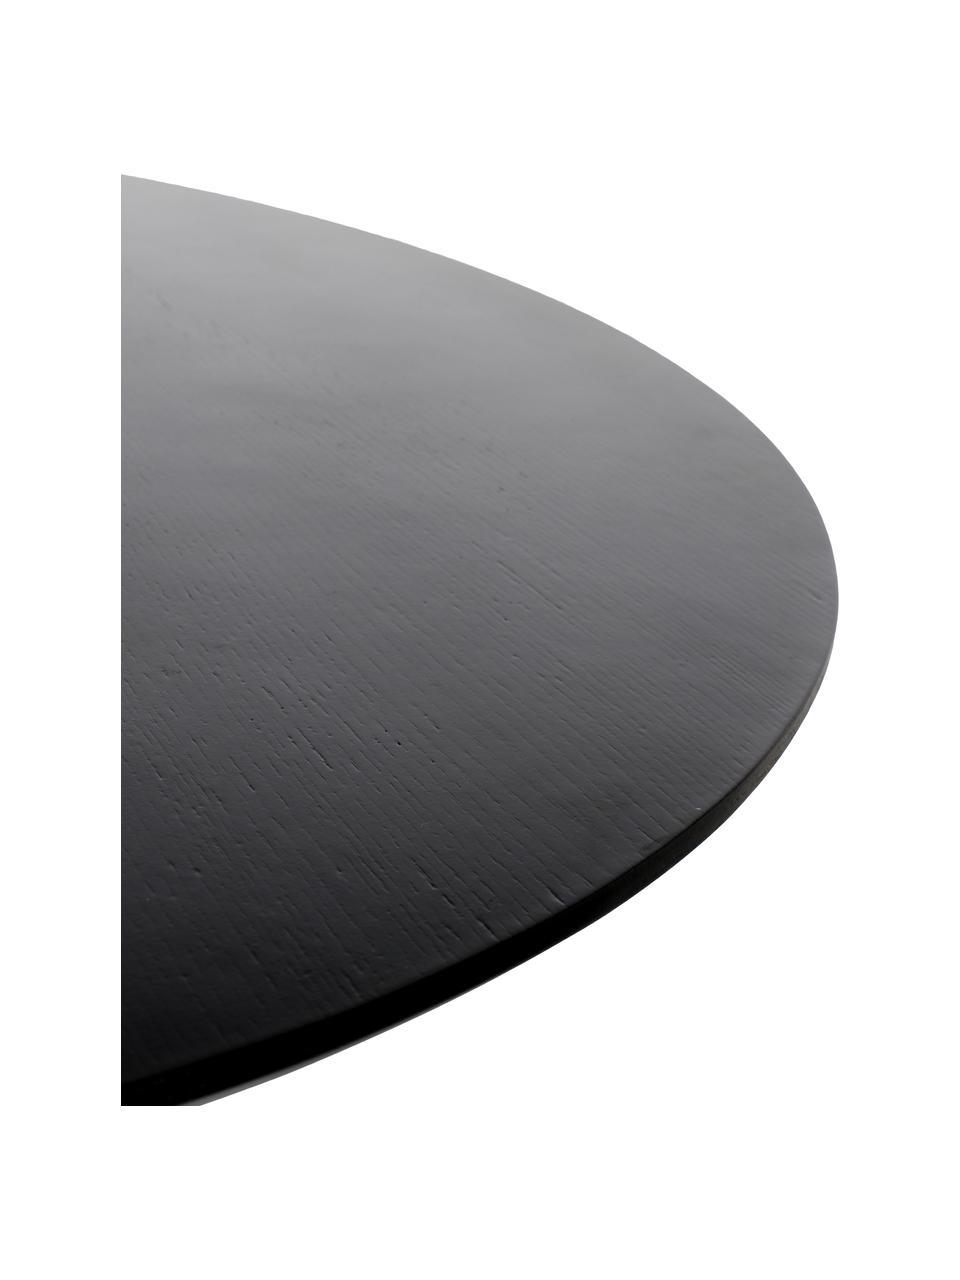 Runder Esstisch Pilar, Ø 100 cm, Sperrholz mit Eschenholzfurnier, Schwarz, Ø 100 x H 76 cm